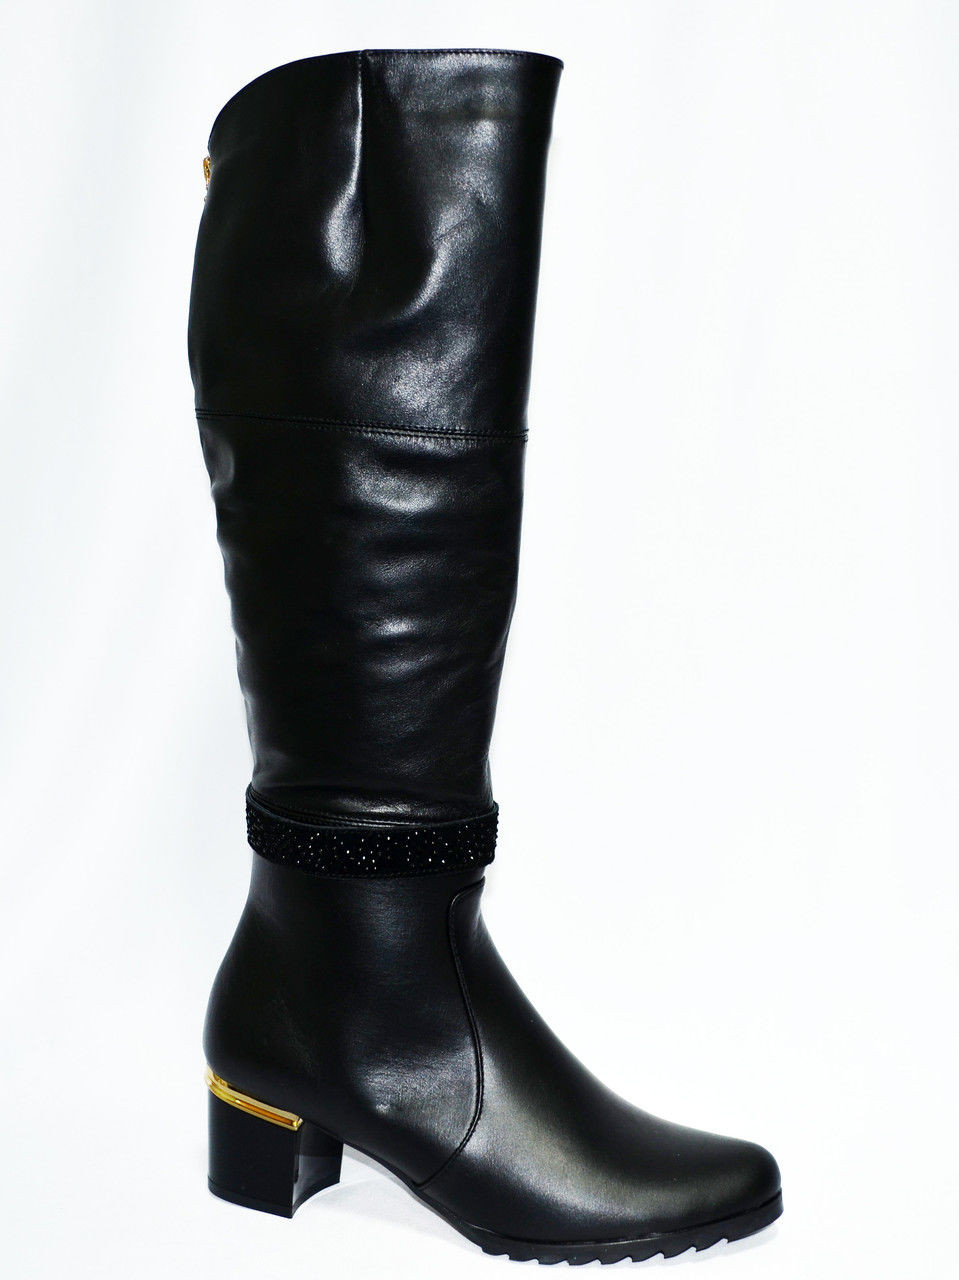 Женские зимние  сапоги на невысоком устойчивом каблуке, натуральная кожа.